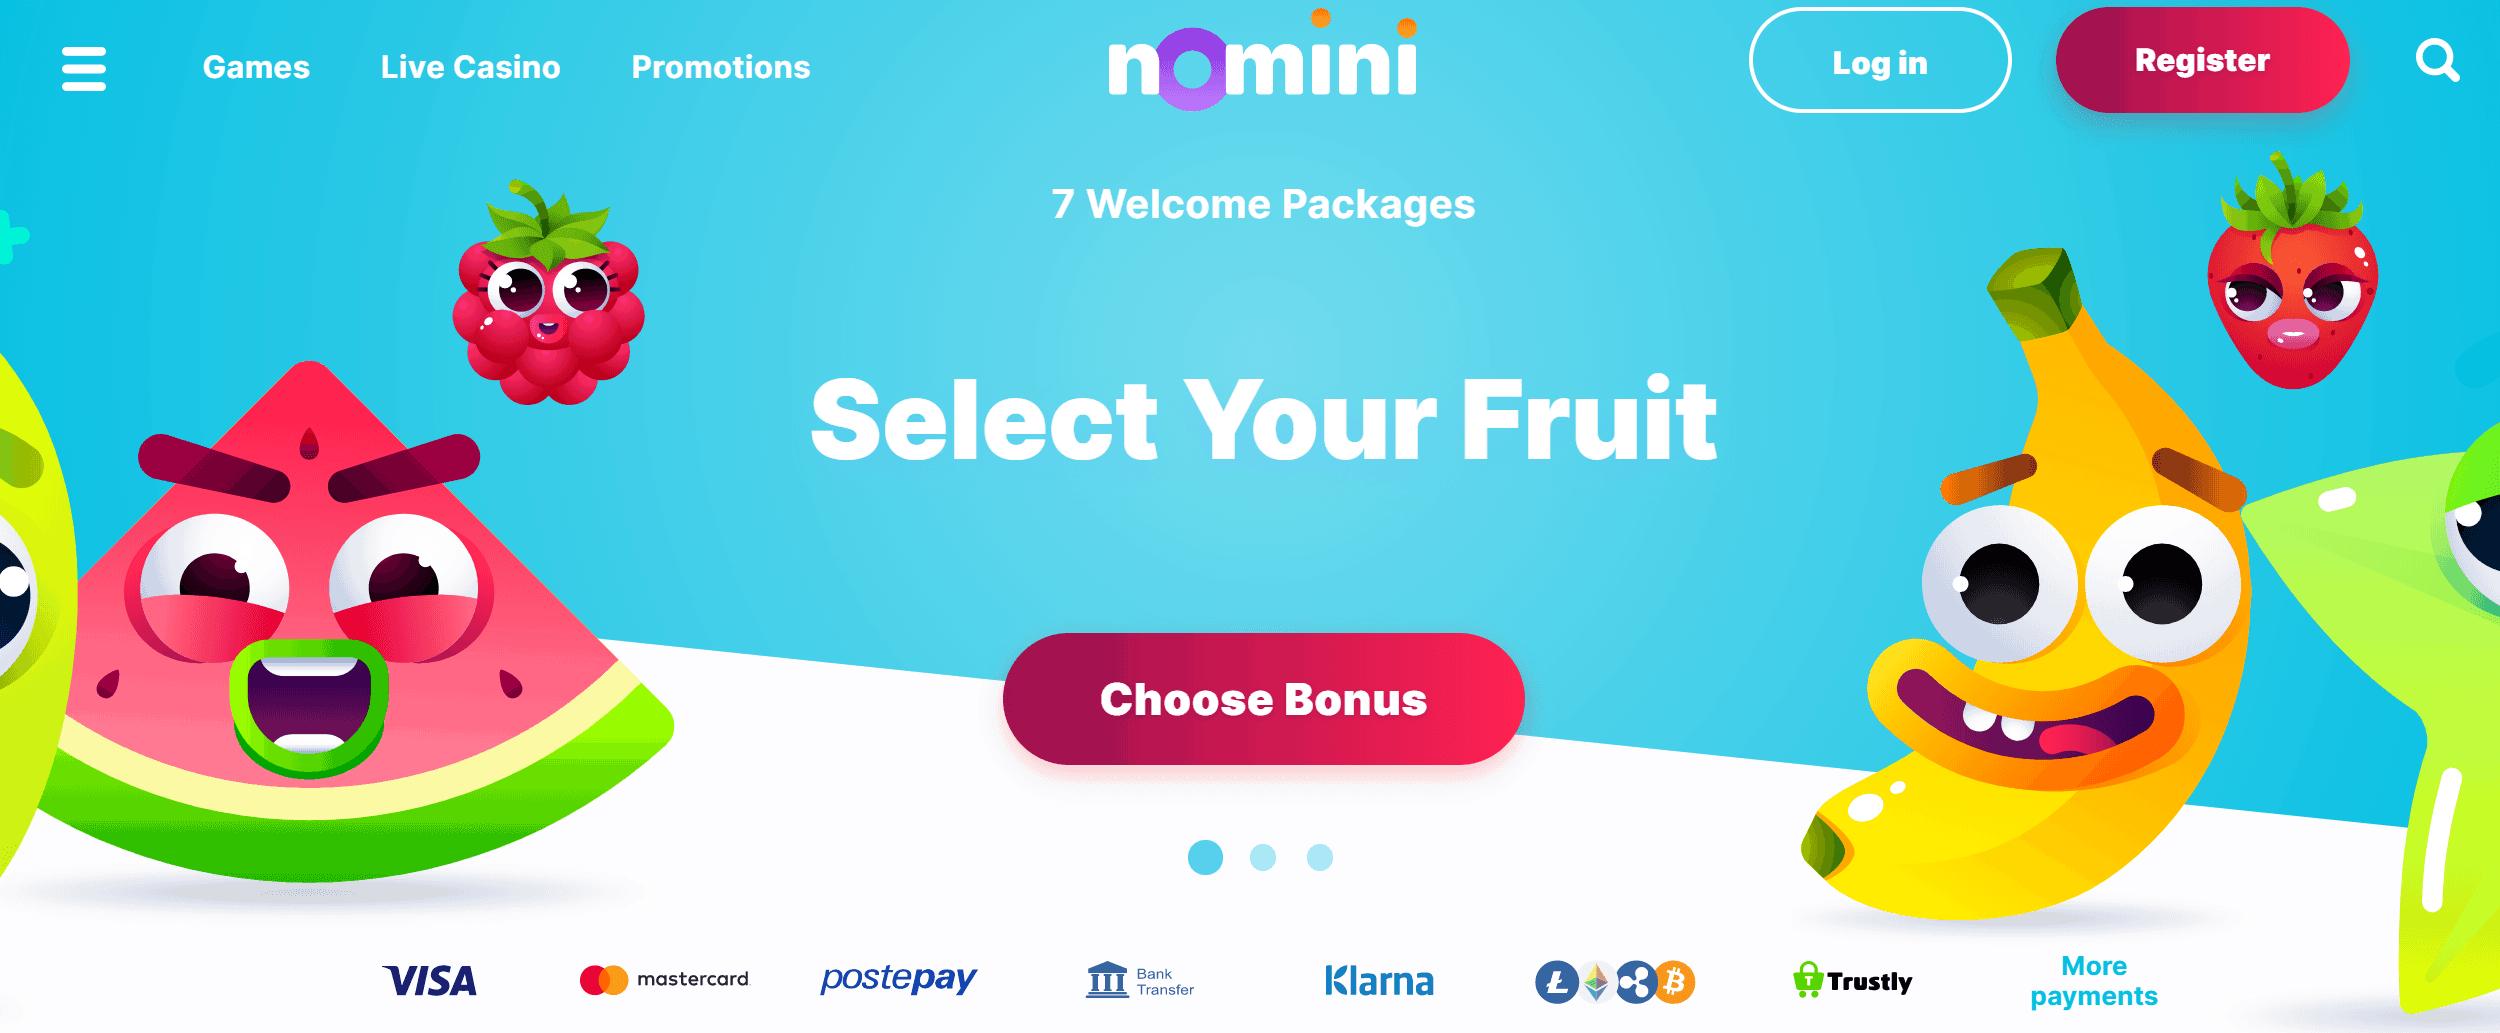 screenshot of Nomini Casino's homepage